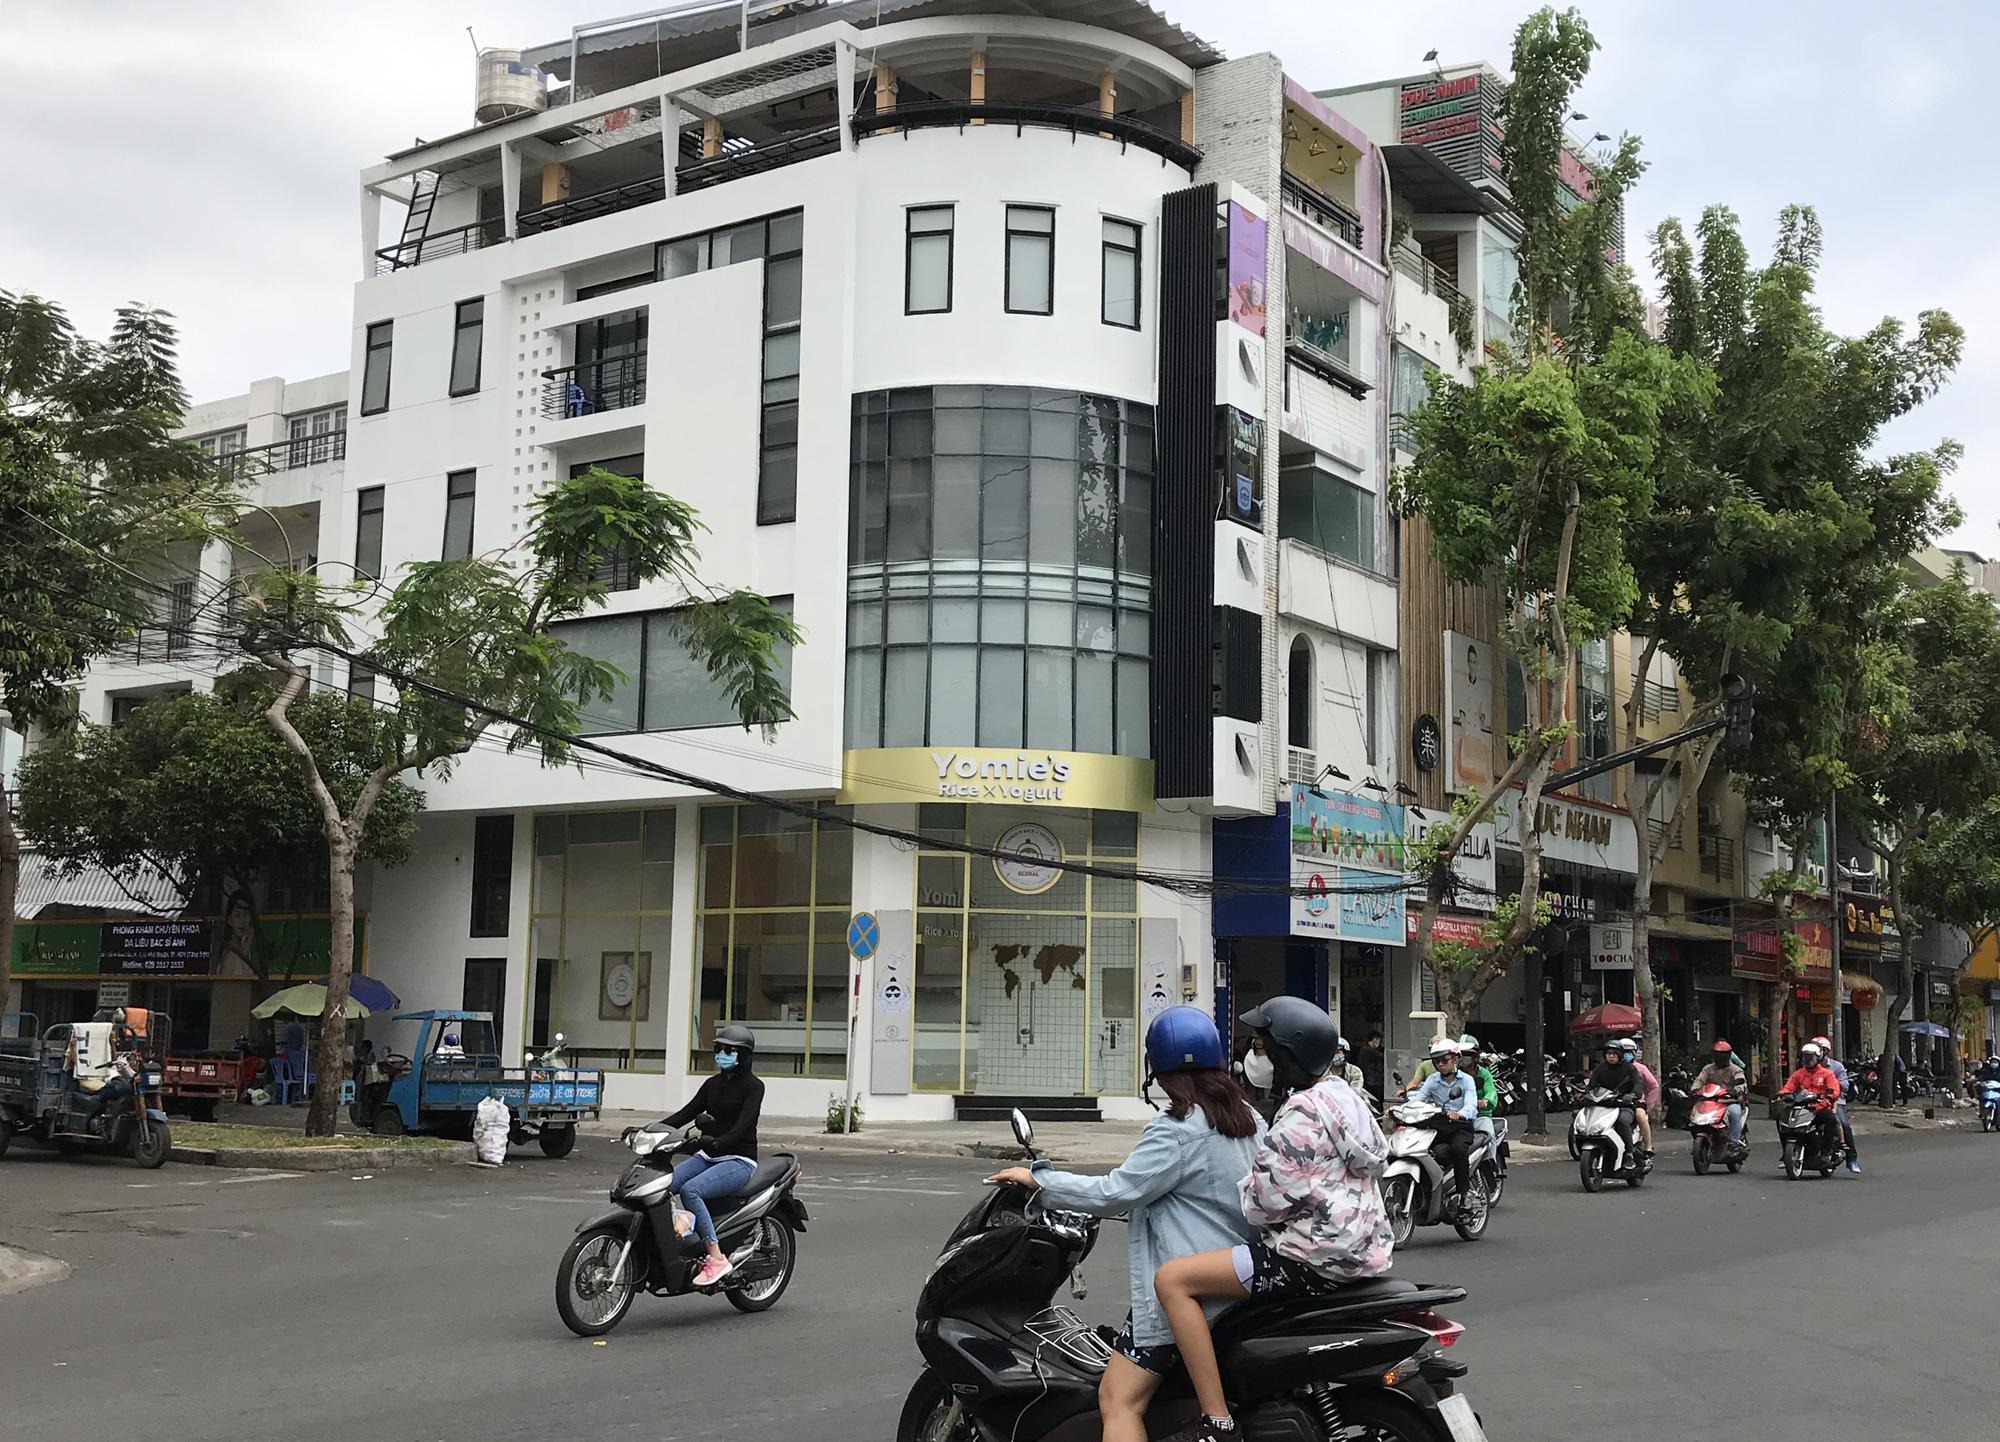 Nhà hàng, quán ăn, cà phê, trà sữa ở Sài Gòn quay lại cảnh đợi khách, vắng tanh chưa từng thấy vì dịch Covid-19 - Ảnh 14.